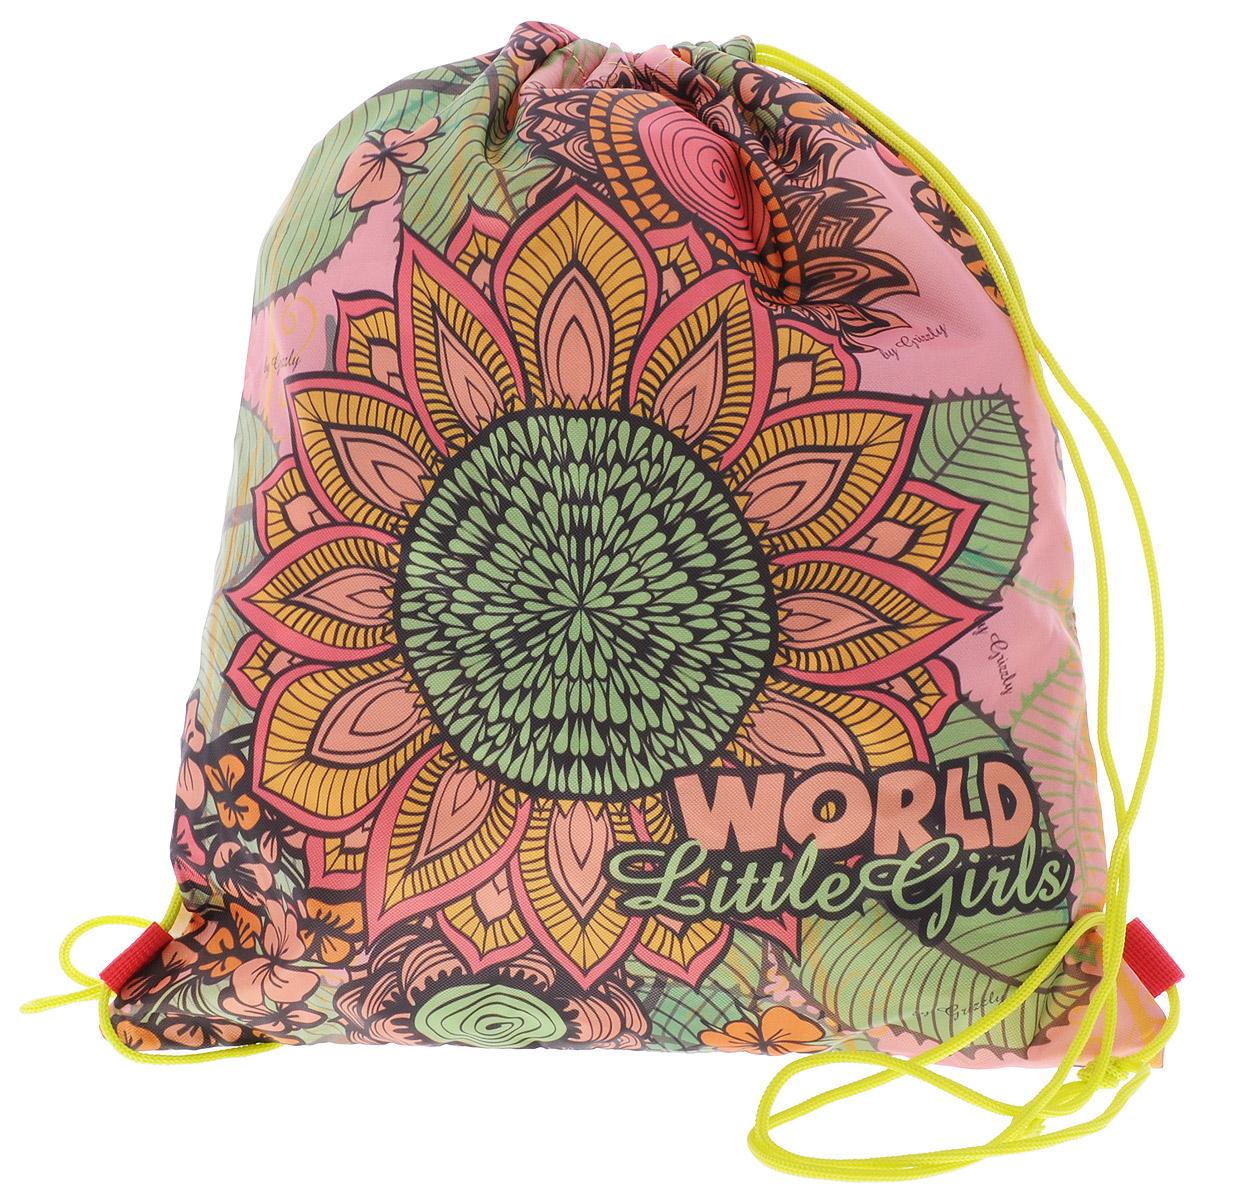 Grizzly Мешок для обуви World Little Girls цвет бежевый розовый зеленый